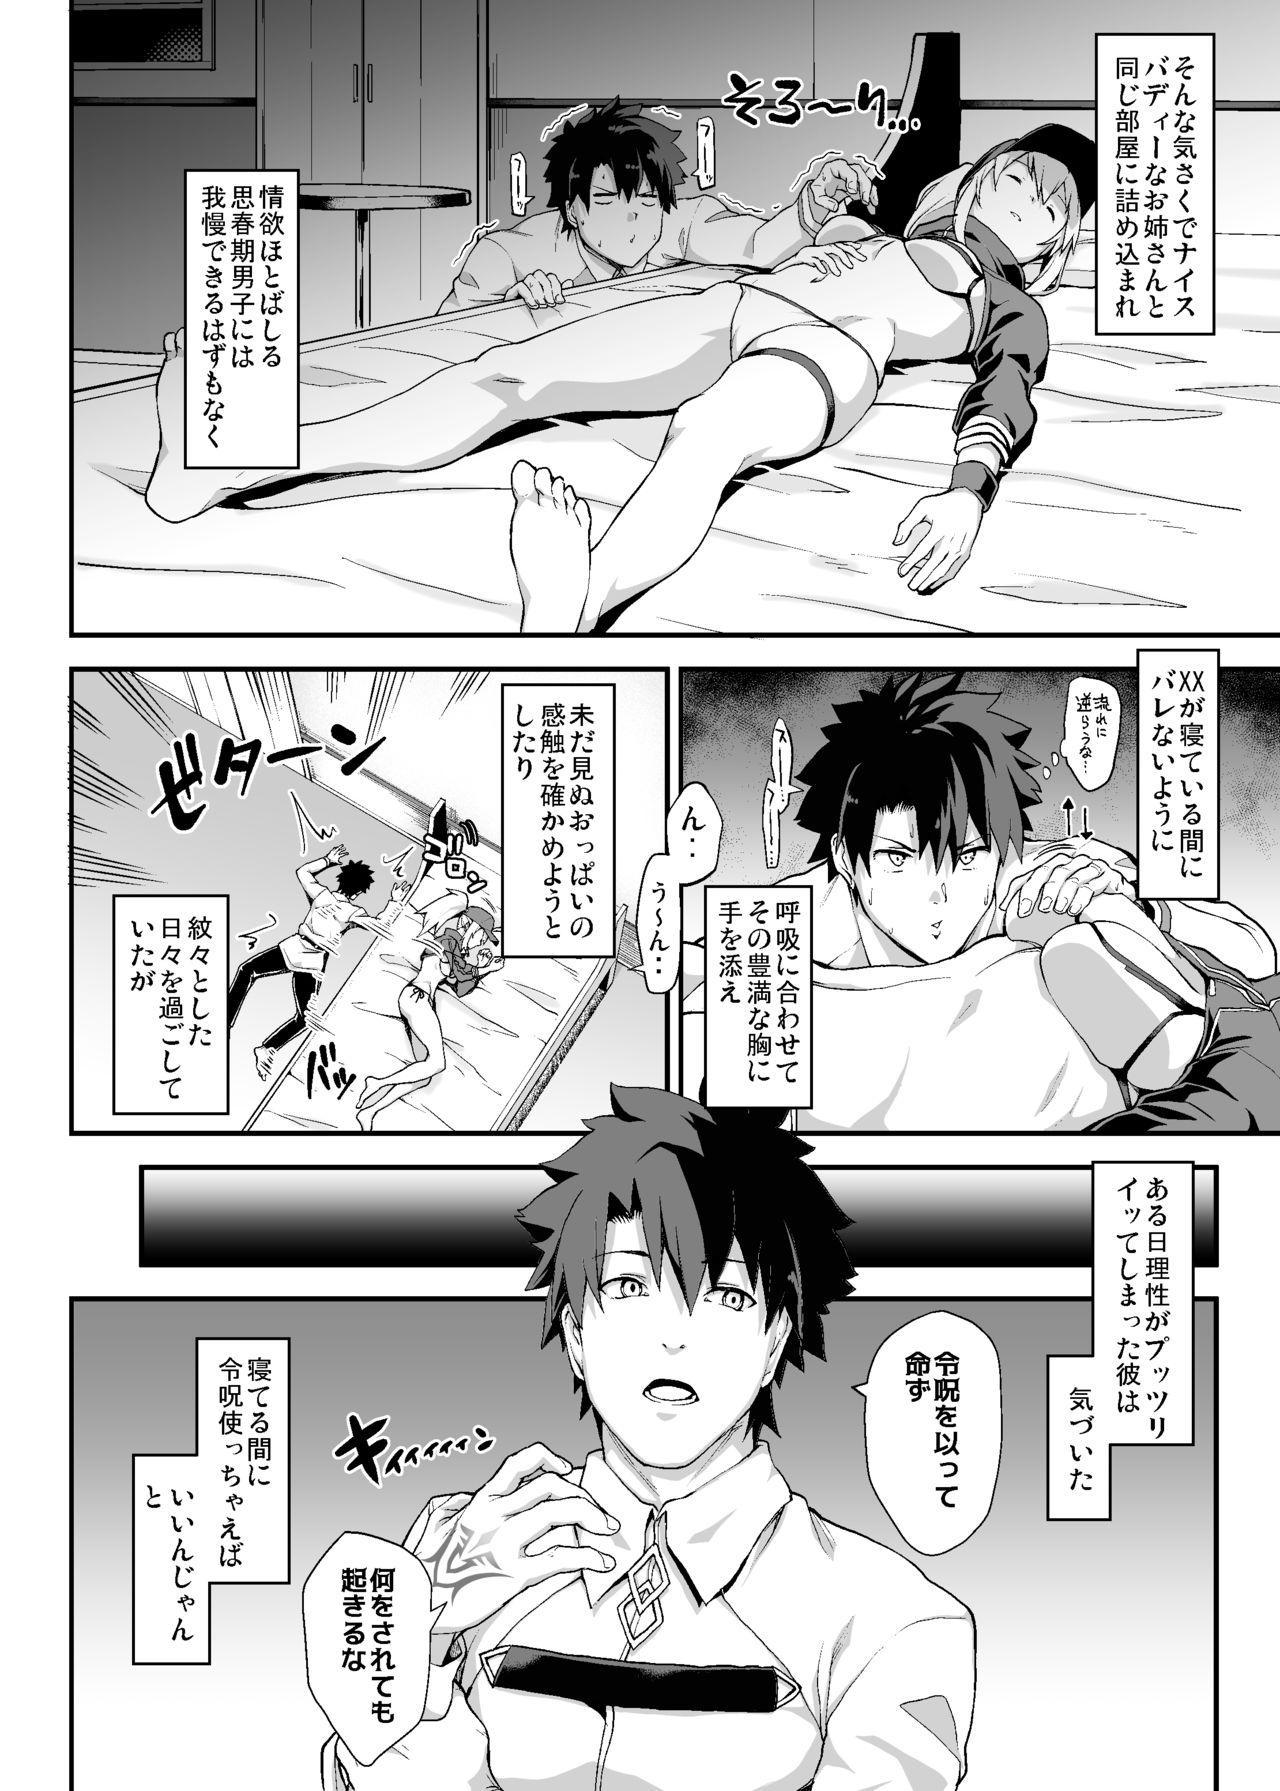 Sore wa Kyorikan ga Chikasugiru Heroine XX ga Warui yo 2